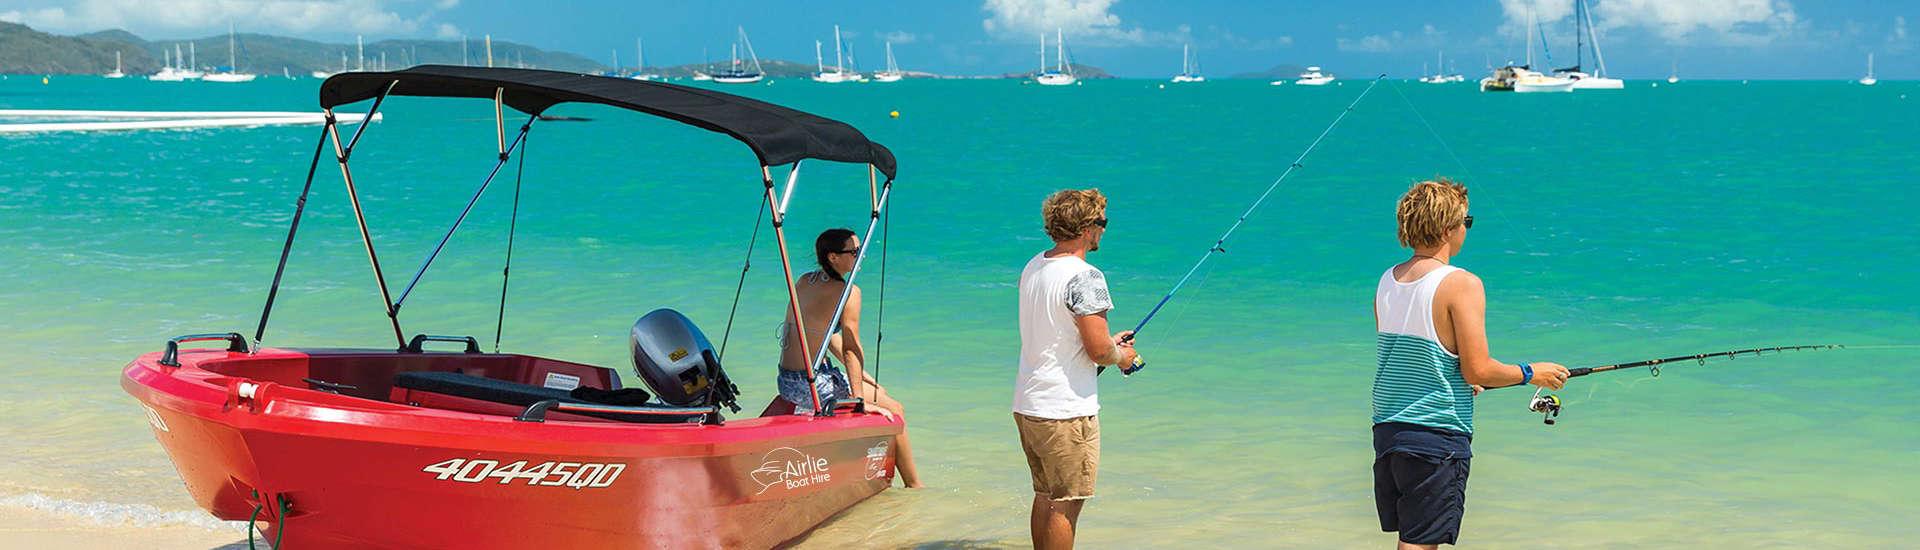 Airlie-Boat-Hire-Unlicensed-Boat-Smartwave-Self-Drive-Boats